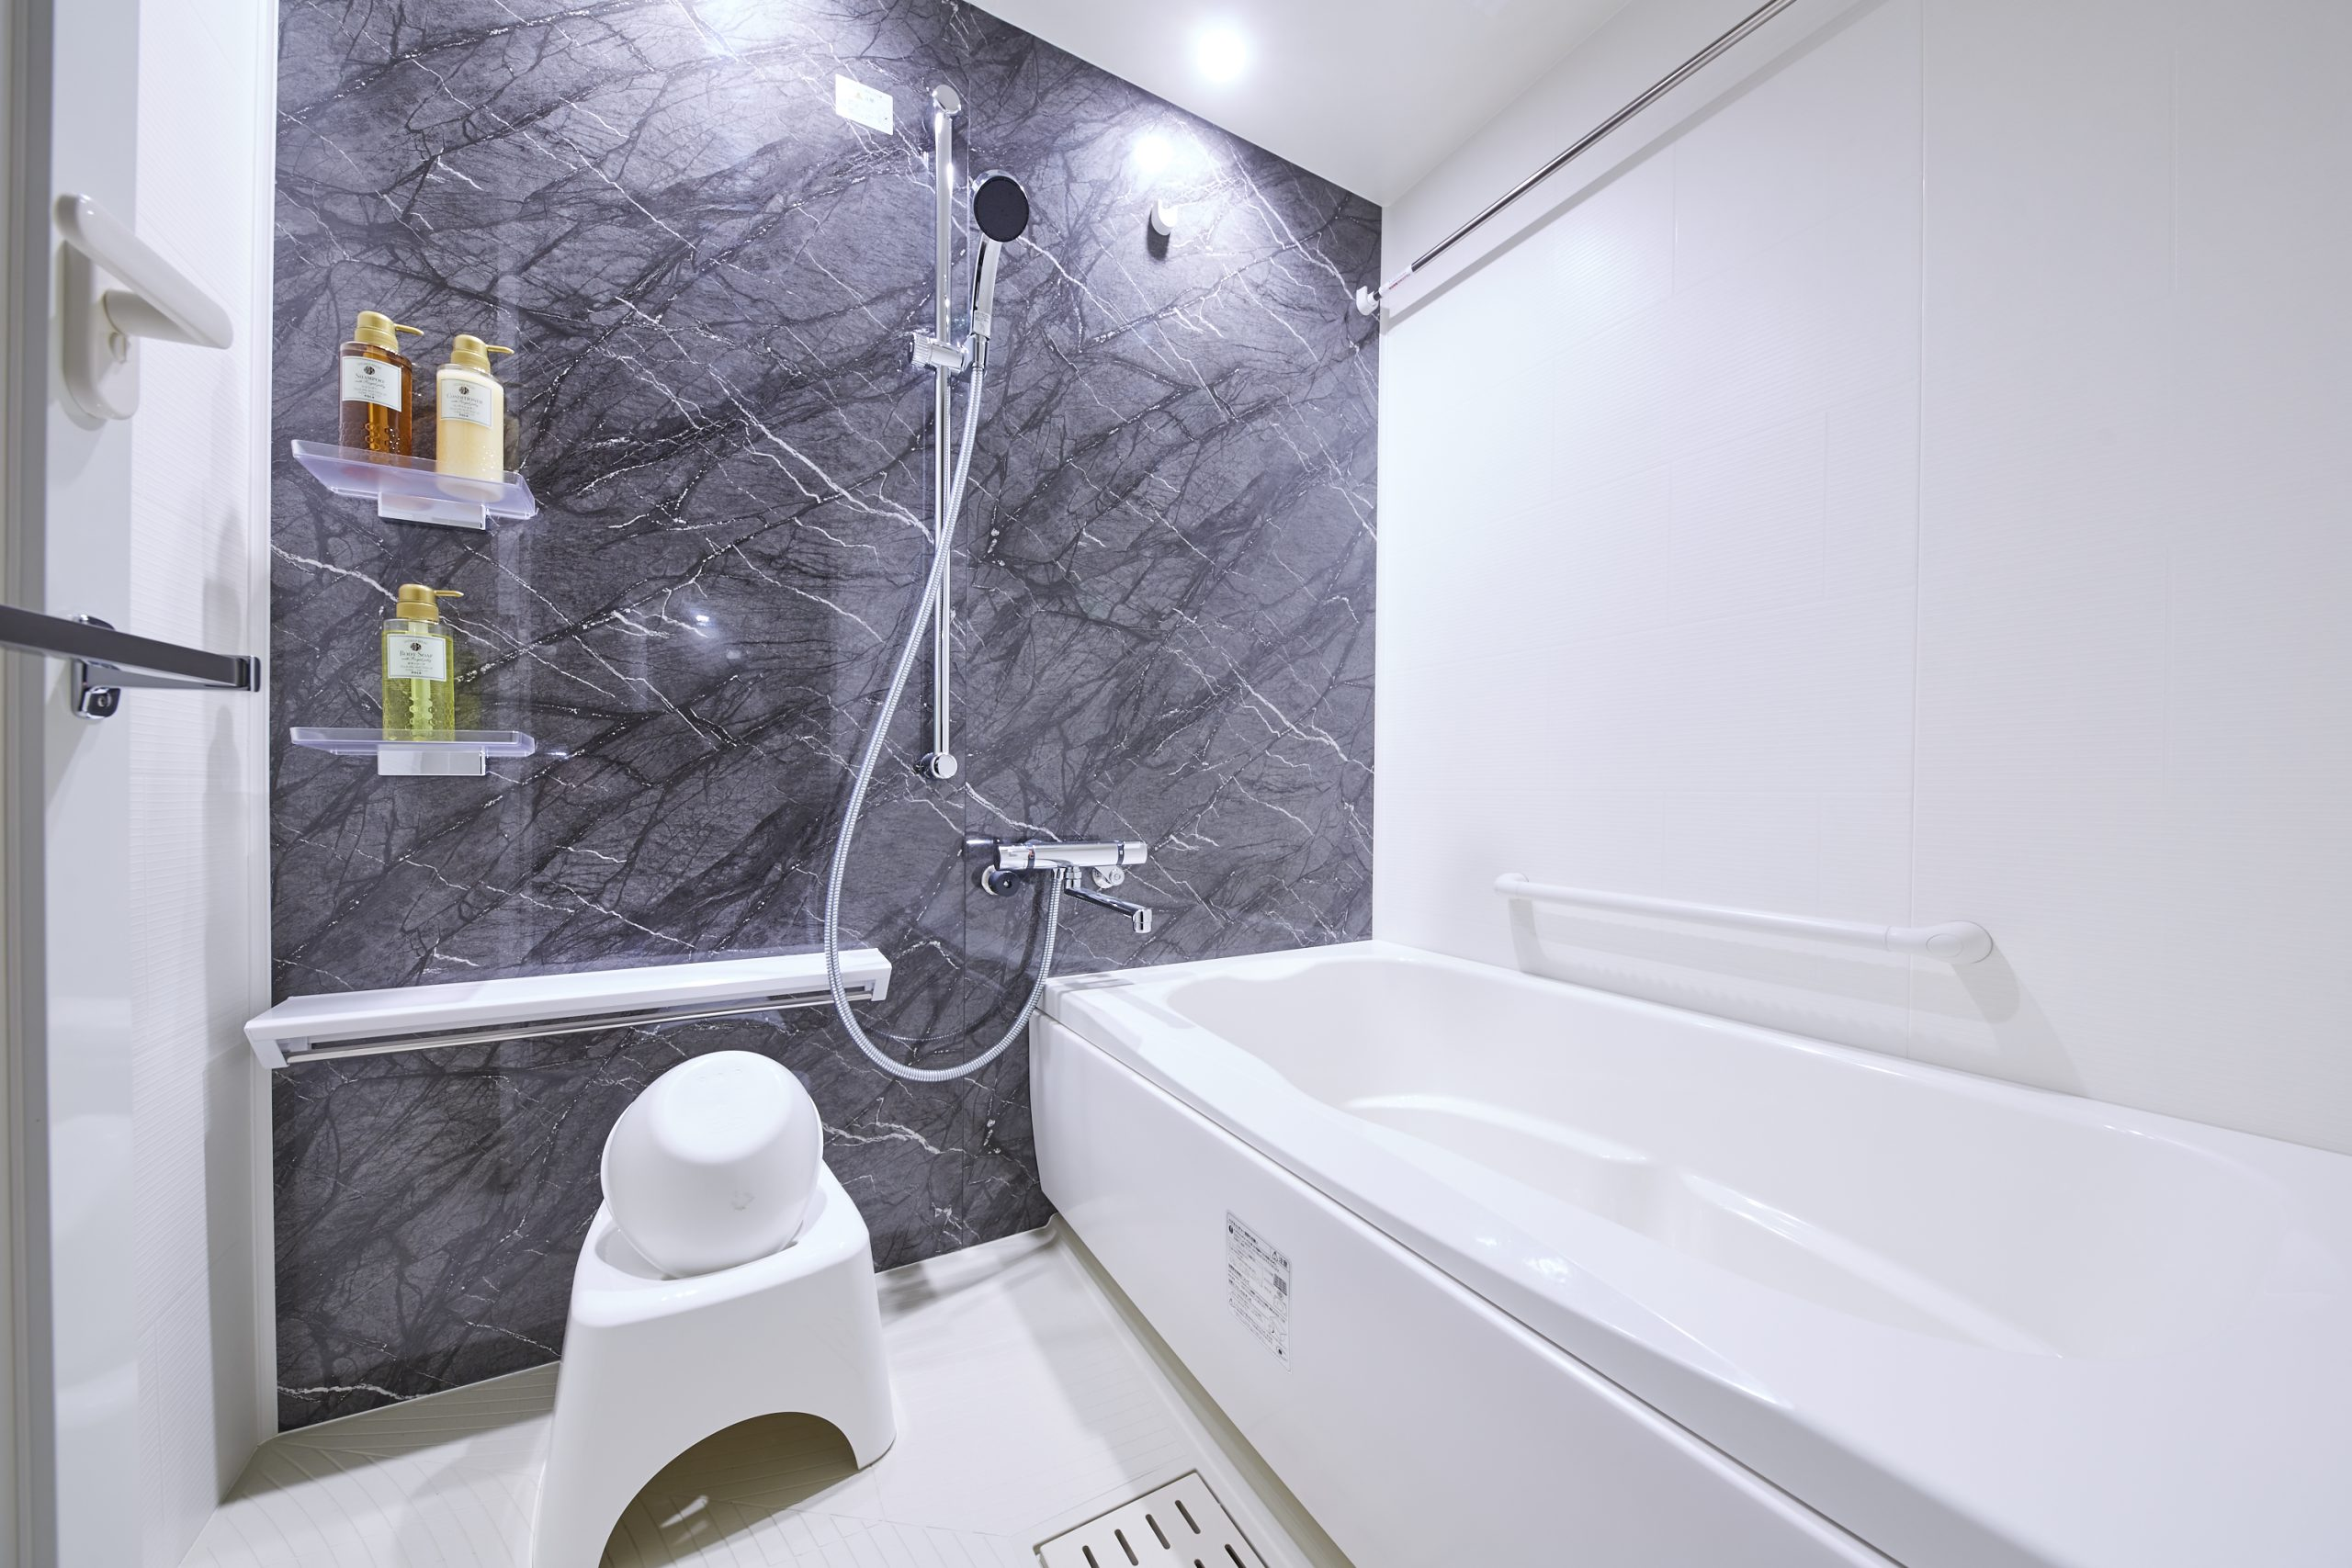 清潔感ある広々としたバスルーム アメニティも充実しています